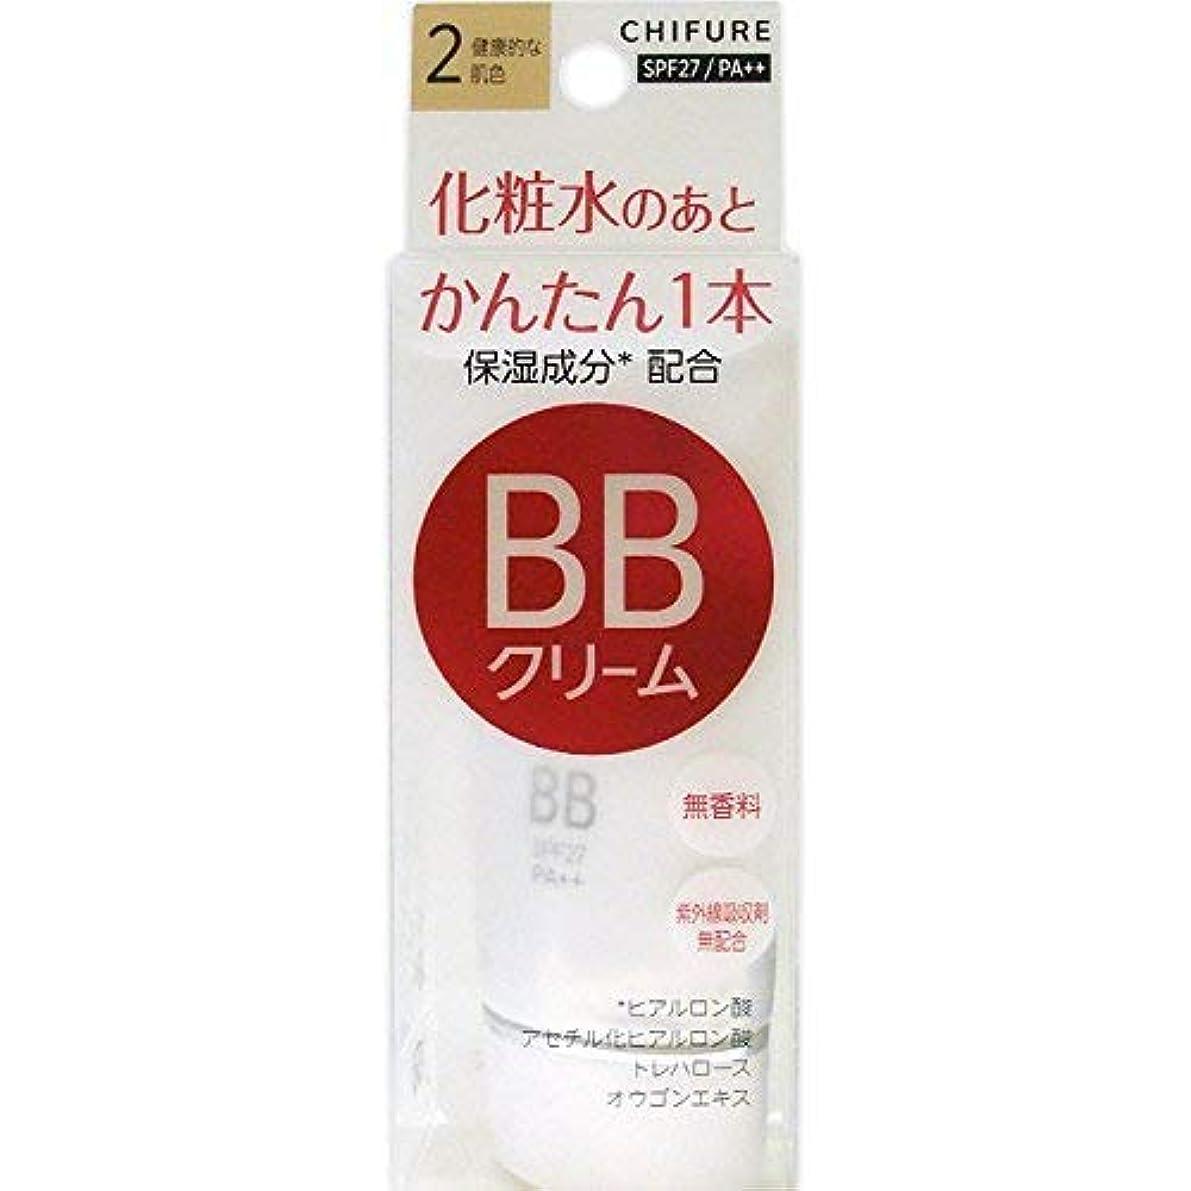 工業化するディスコ表示ちふれ化粧品 BB クリーム 2 健康的な肌色 BBクリーム 2